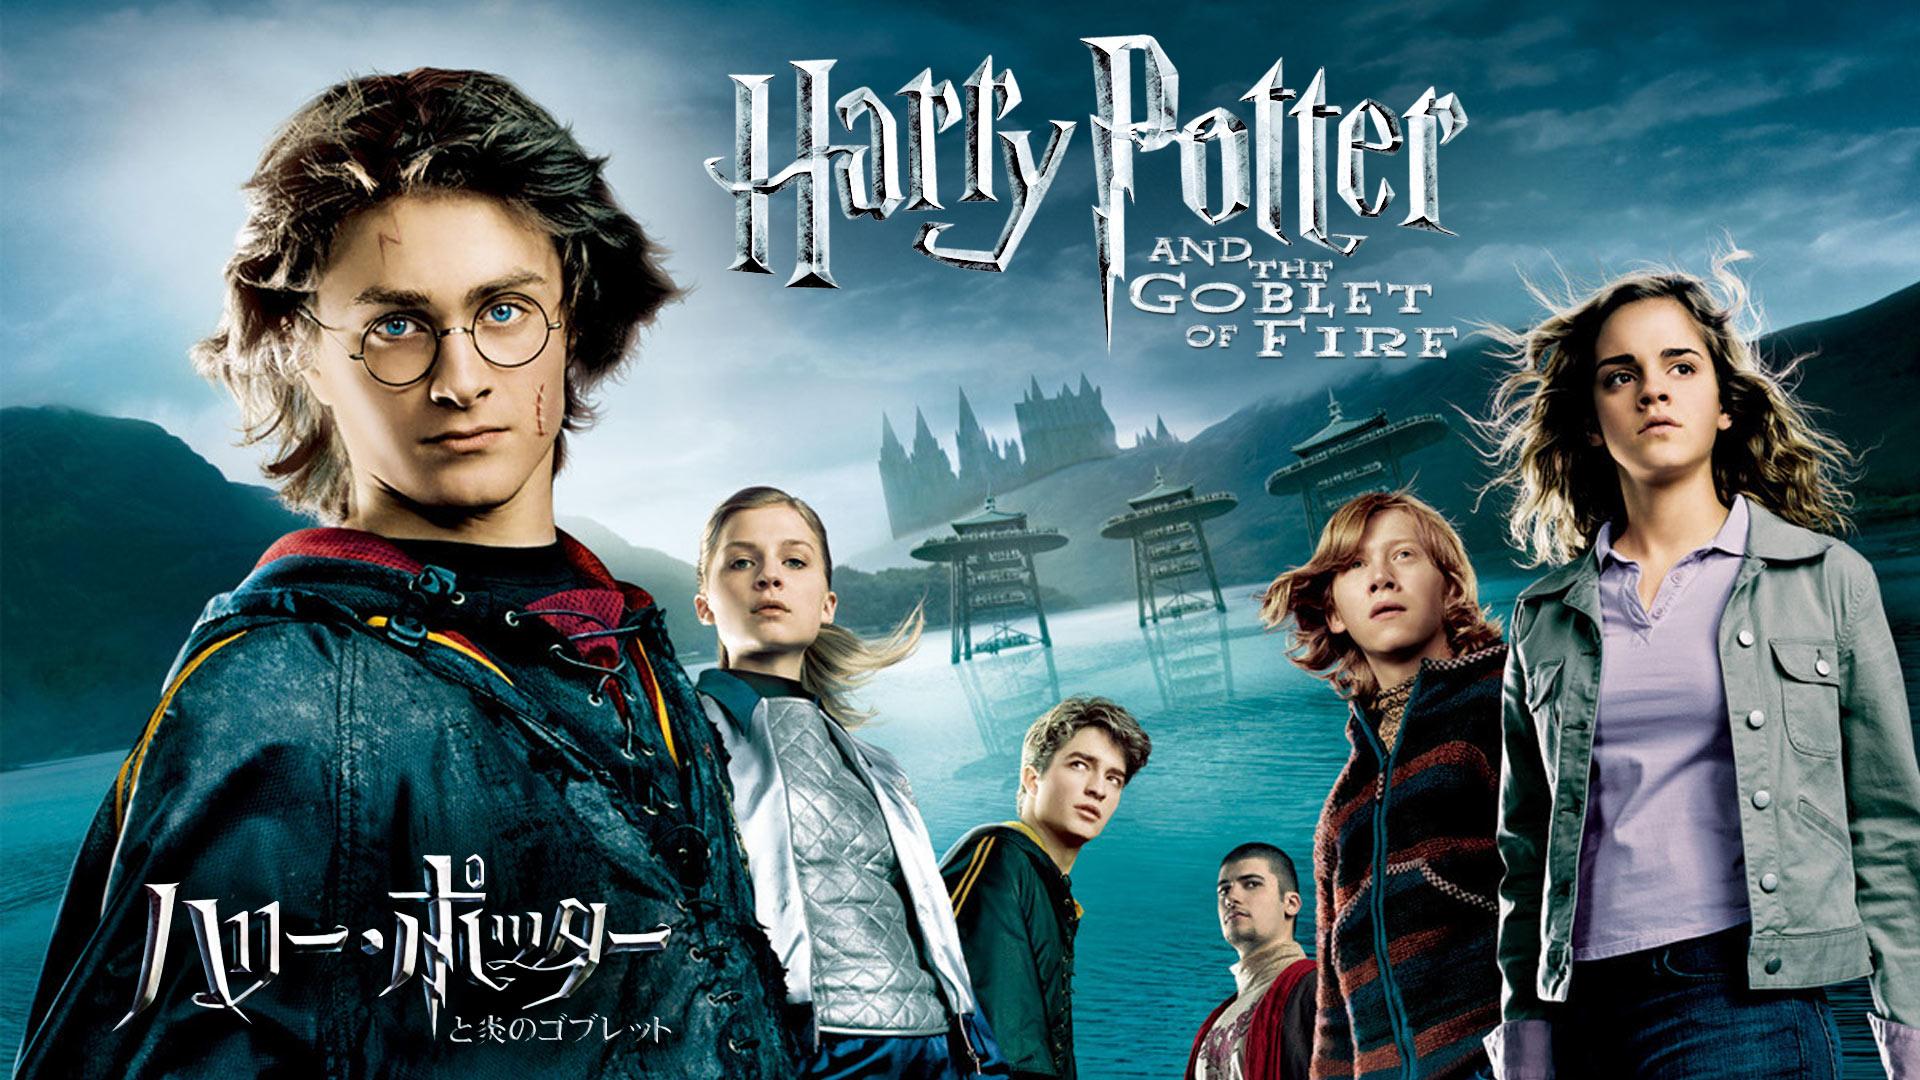 ハリー・ポッターと炎のゴブレット (吹替版)